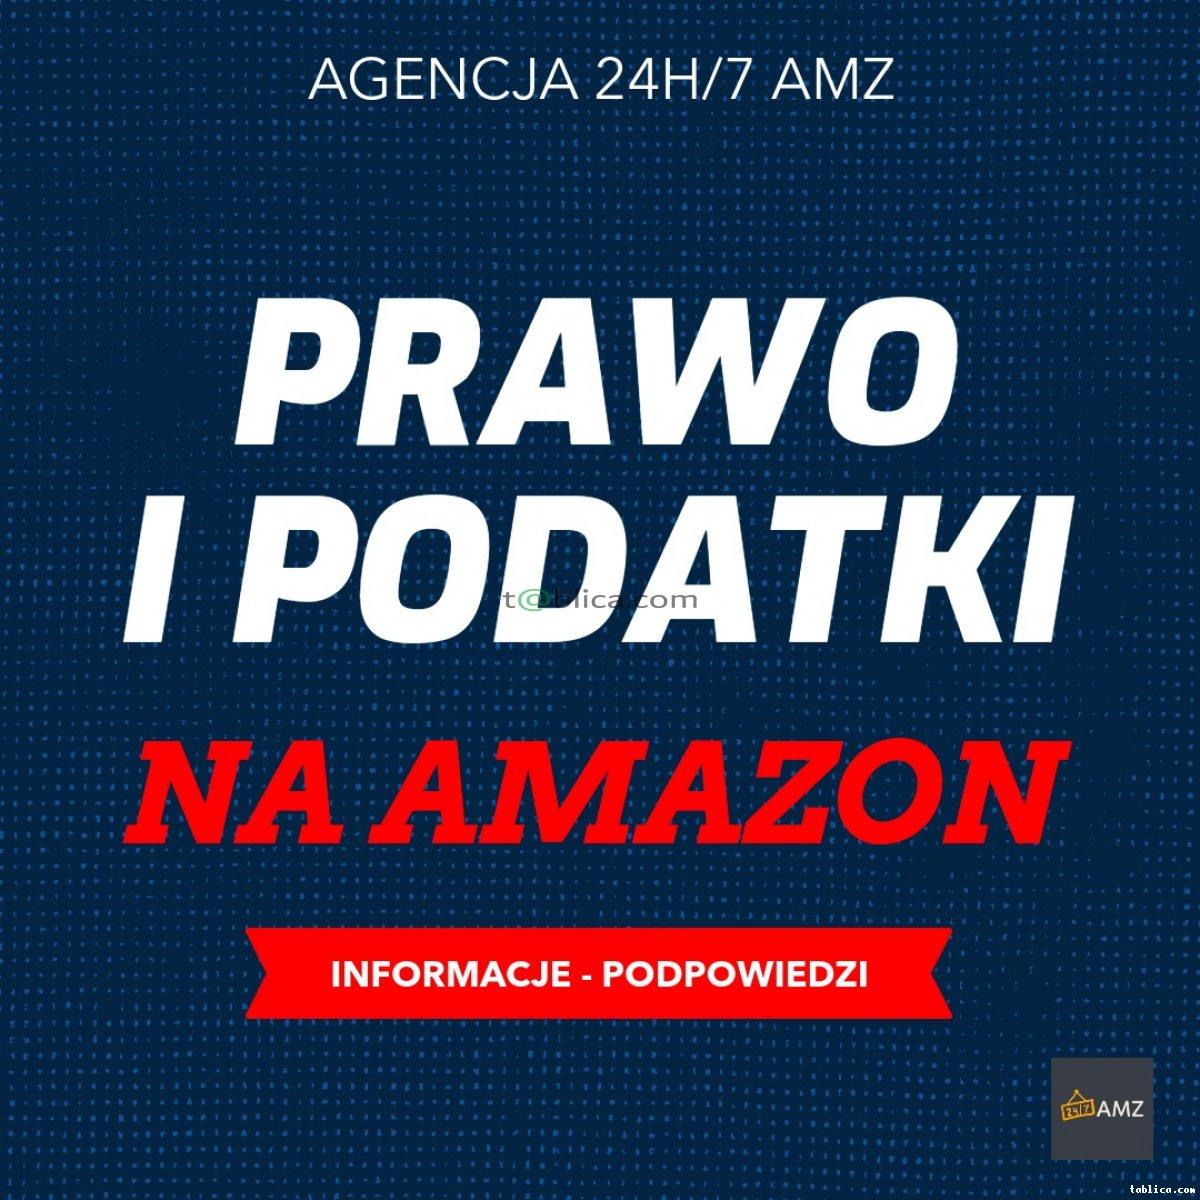 PRAWO I PODATKI NA AMAZONIE